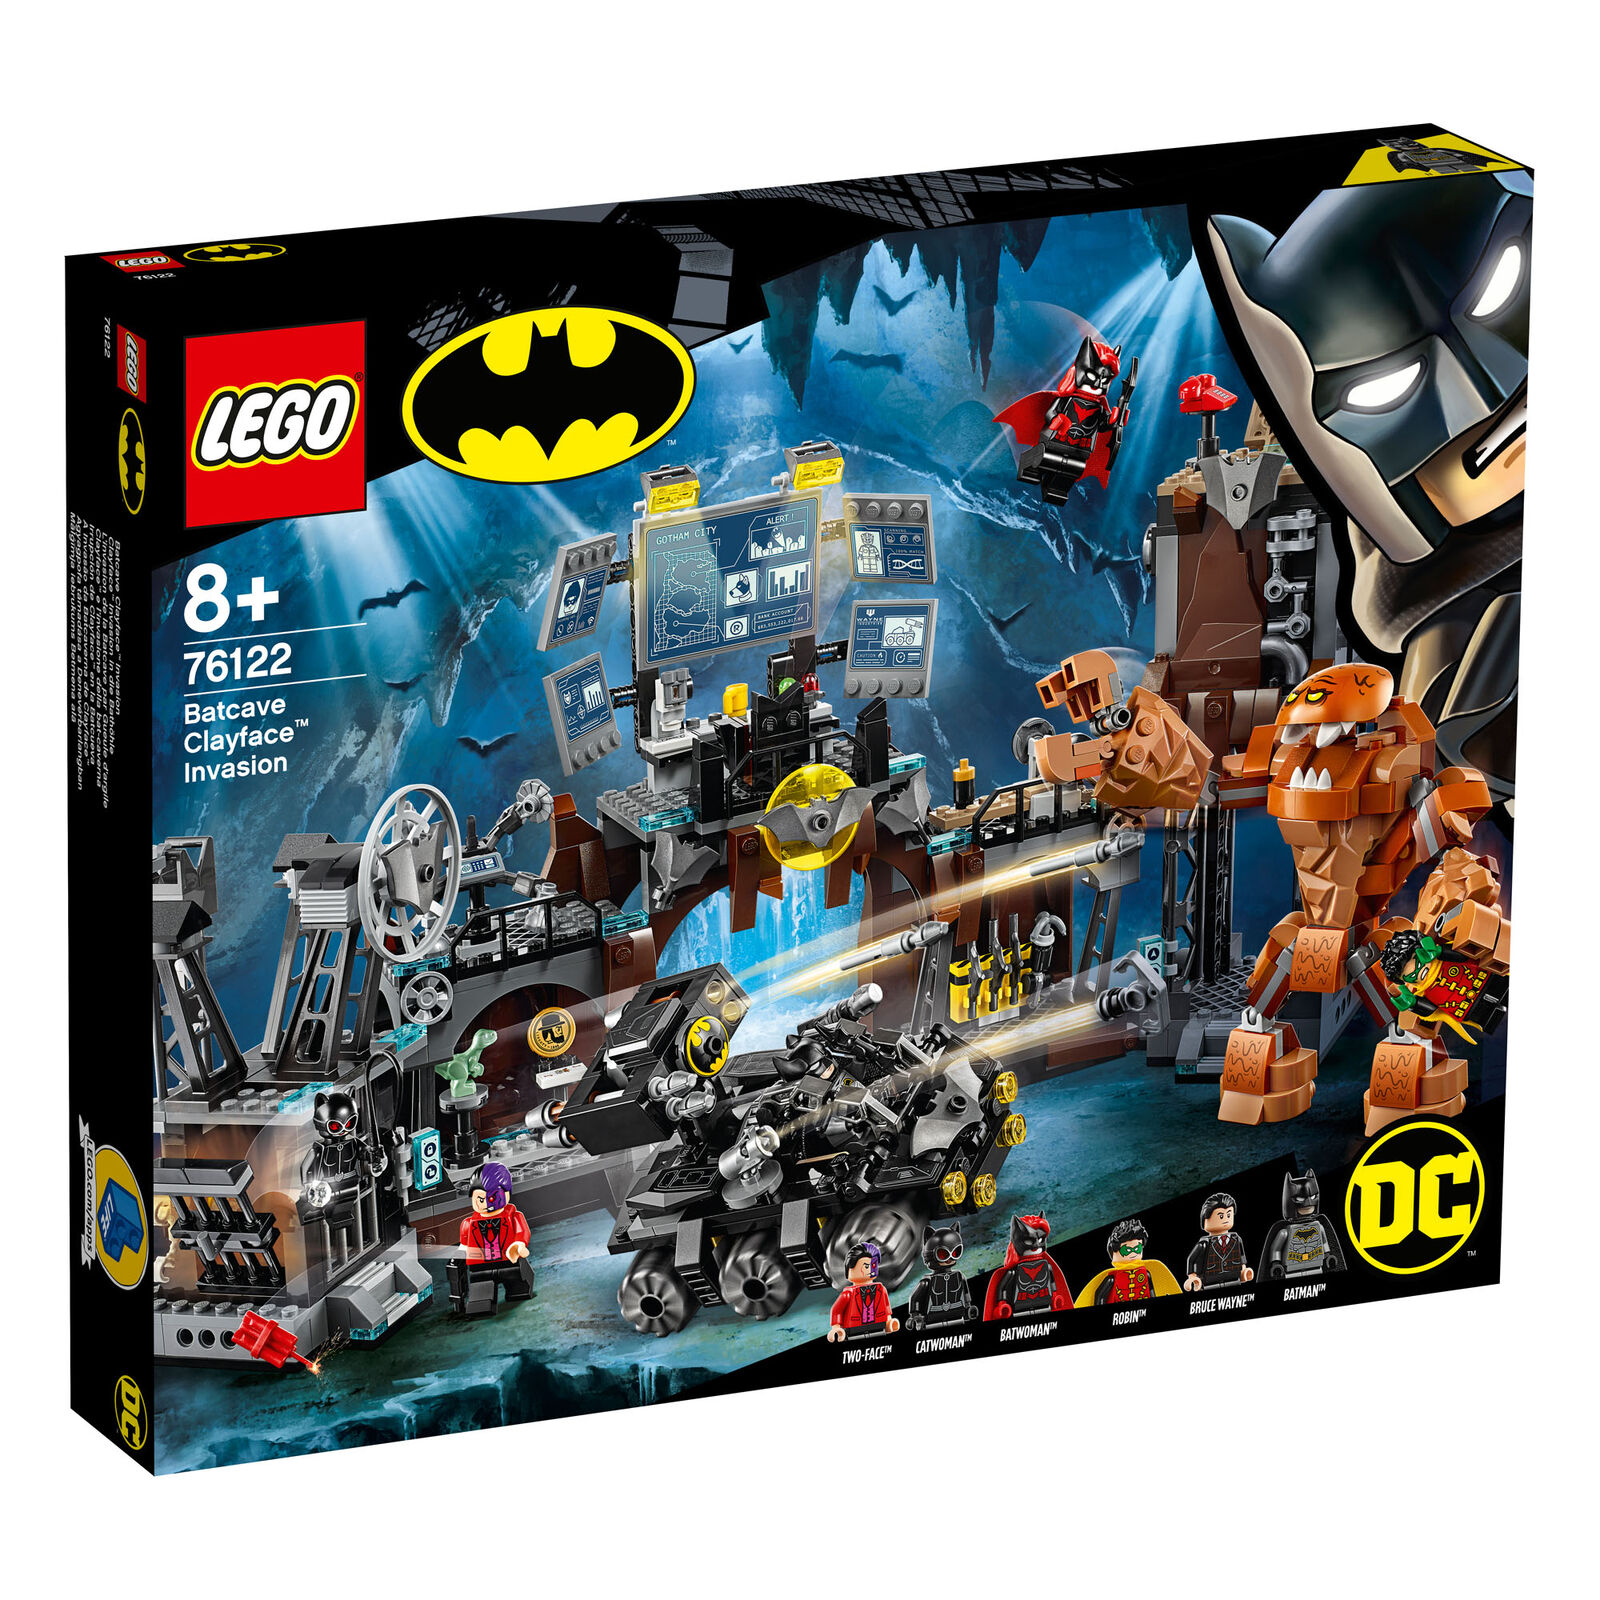 76122 LEGO SUPER HEROES Batuomo Bat-Caverna Clayface invasione da Collezione  DC 1038pcs  qualità garantita